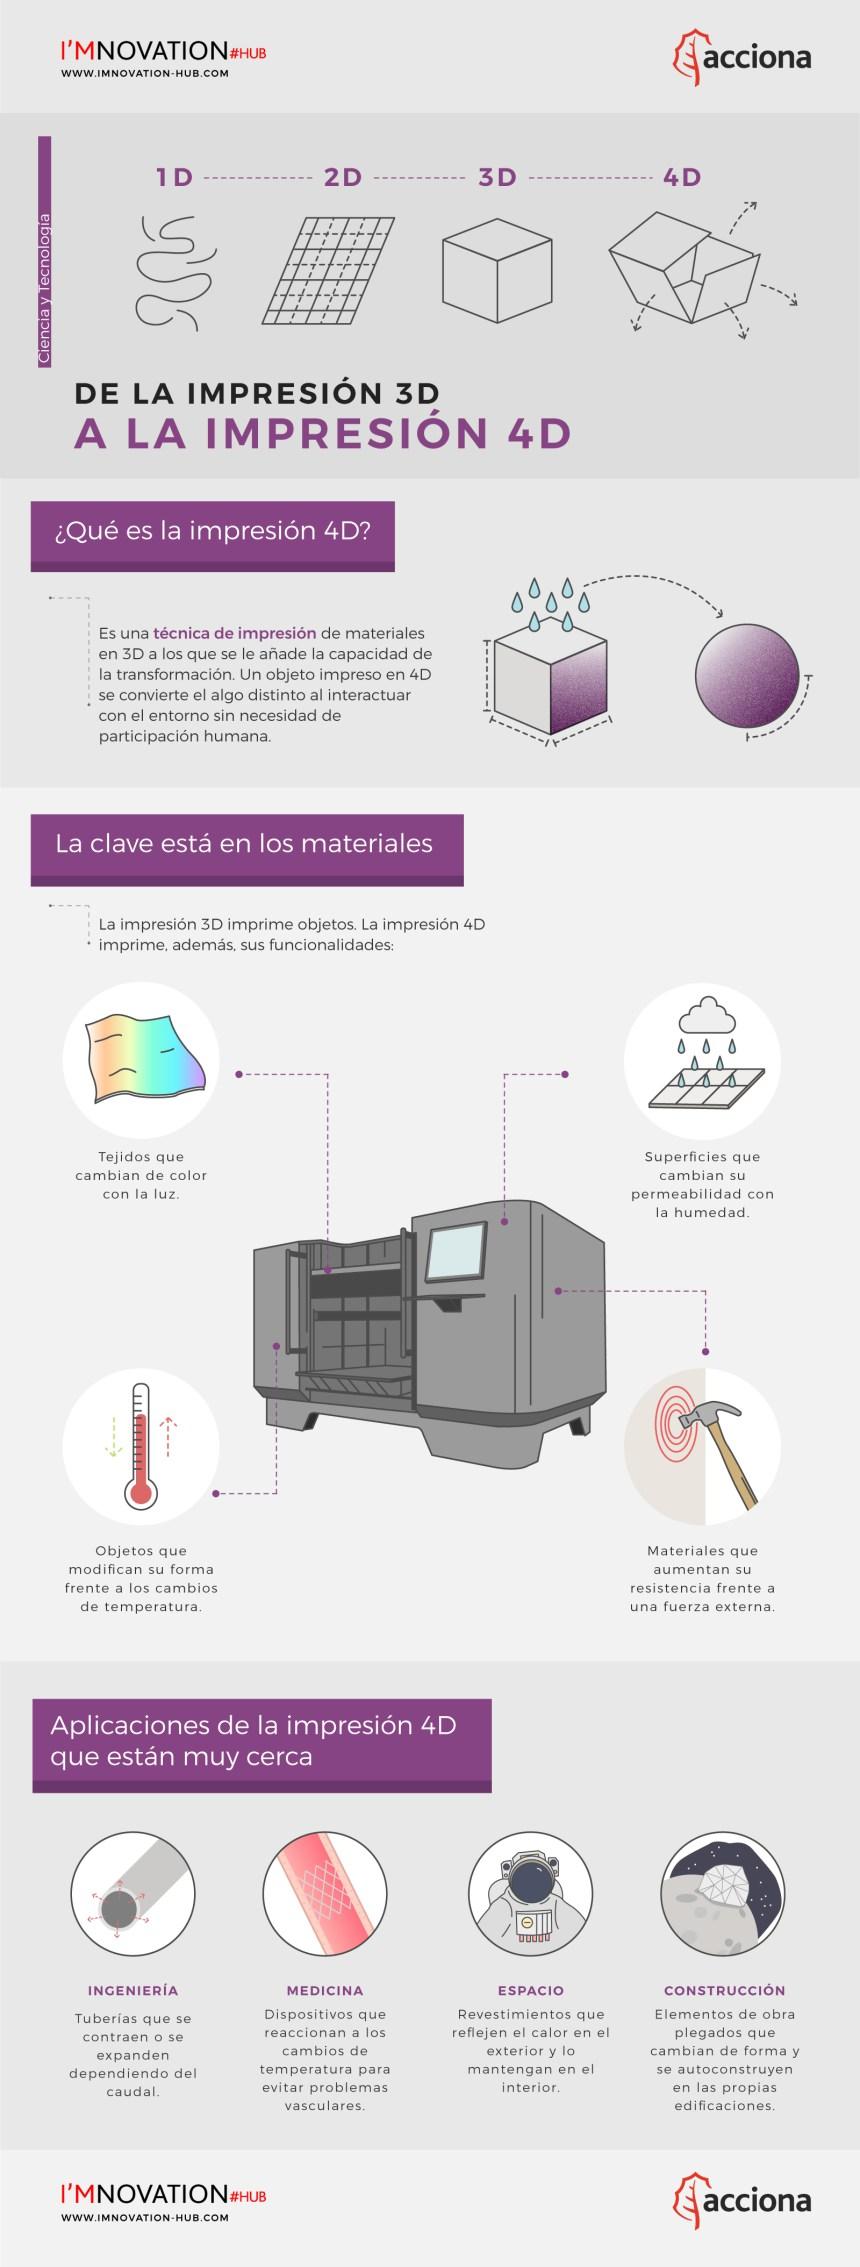 De la impresión 3D a la impresión 4D #infografia #infographic #tech